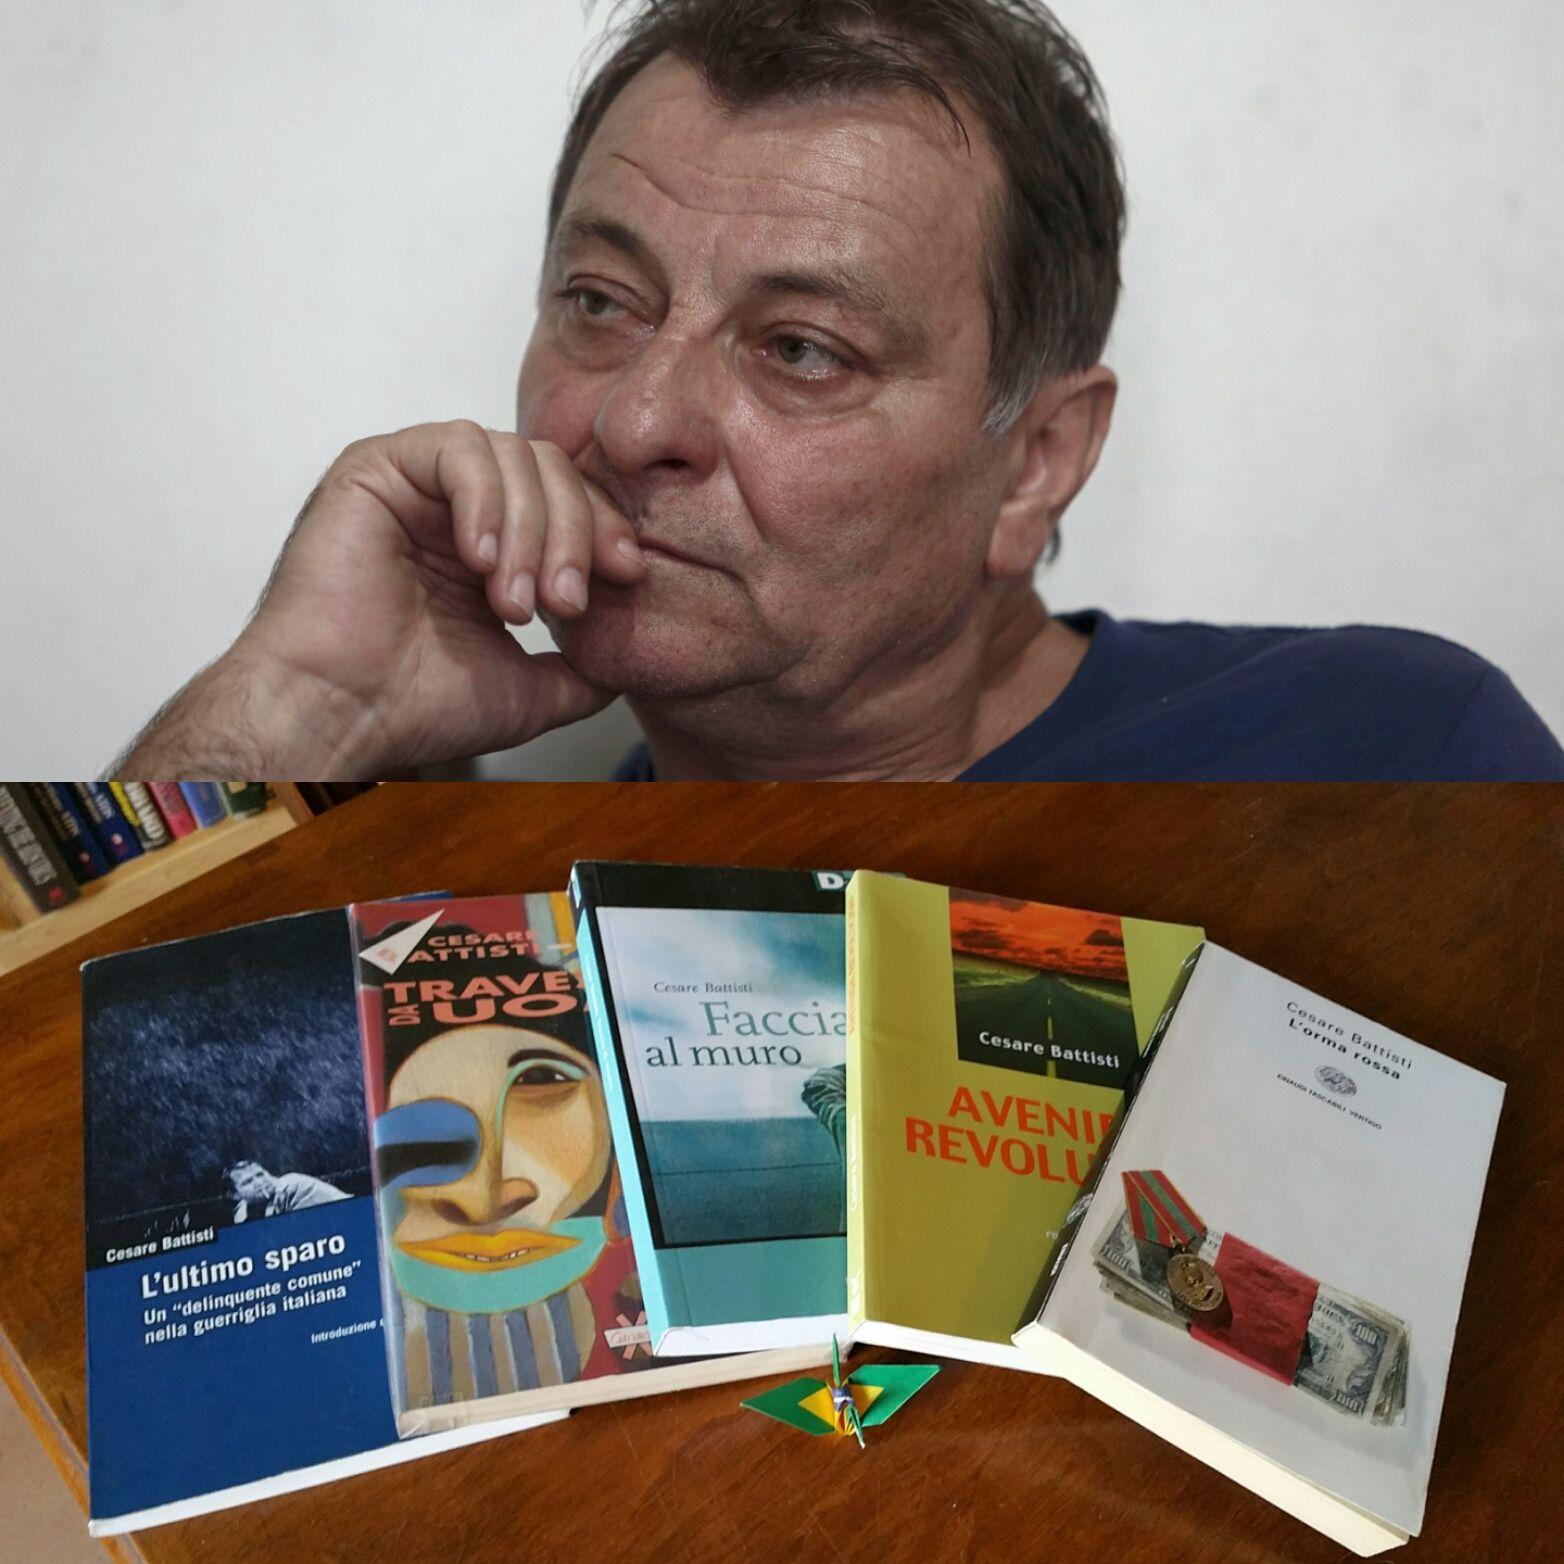 Arrestato Cesare Battisti: ri-facciamo il punto della situazione dei suoi libri!